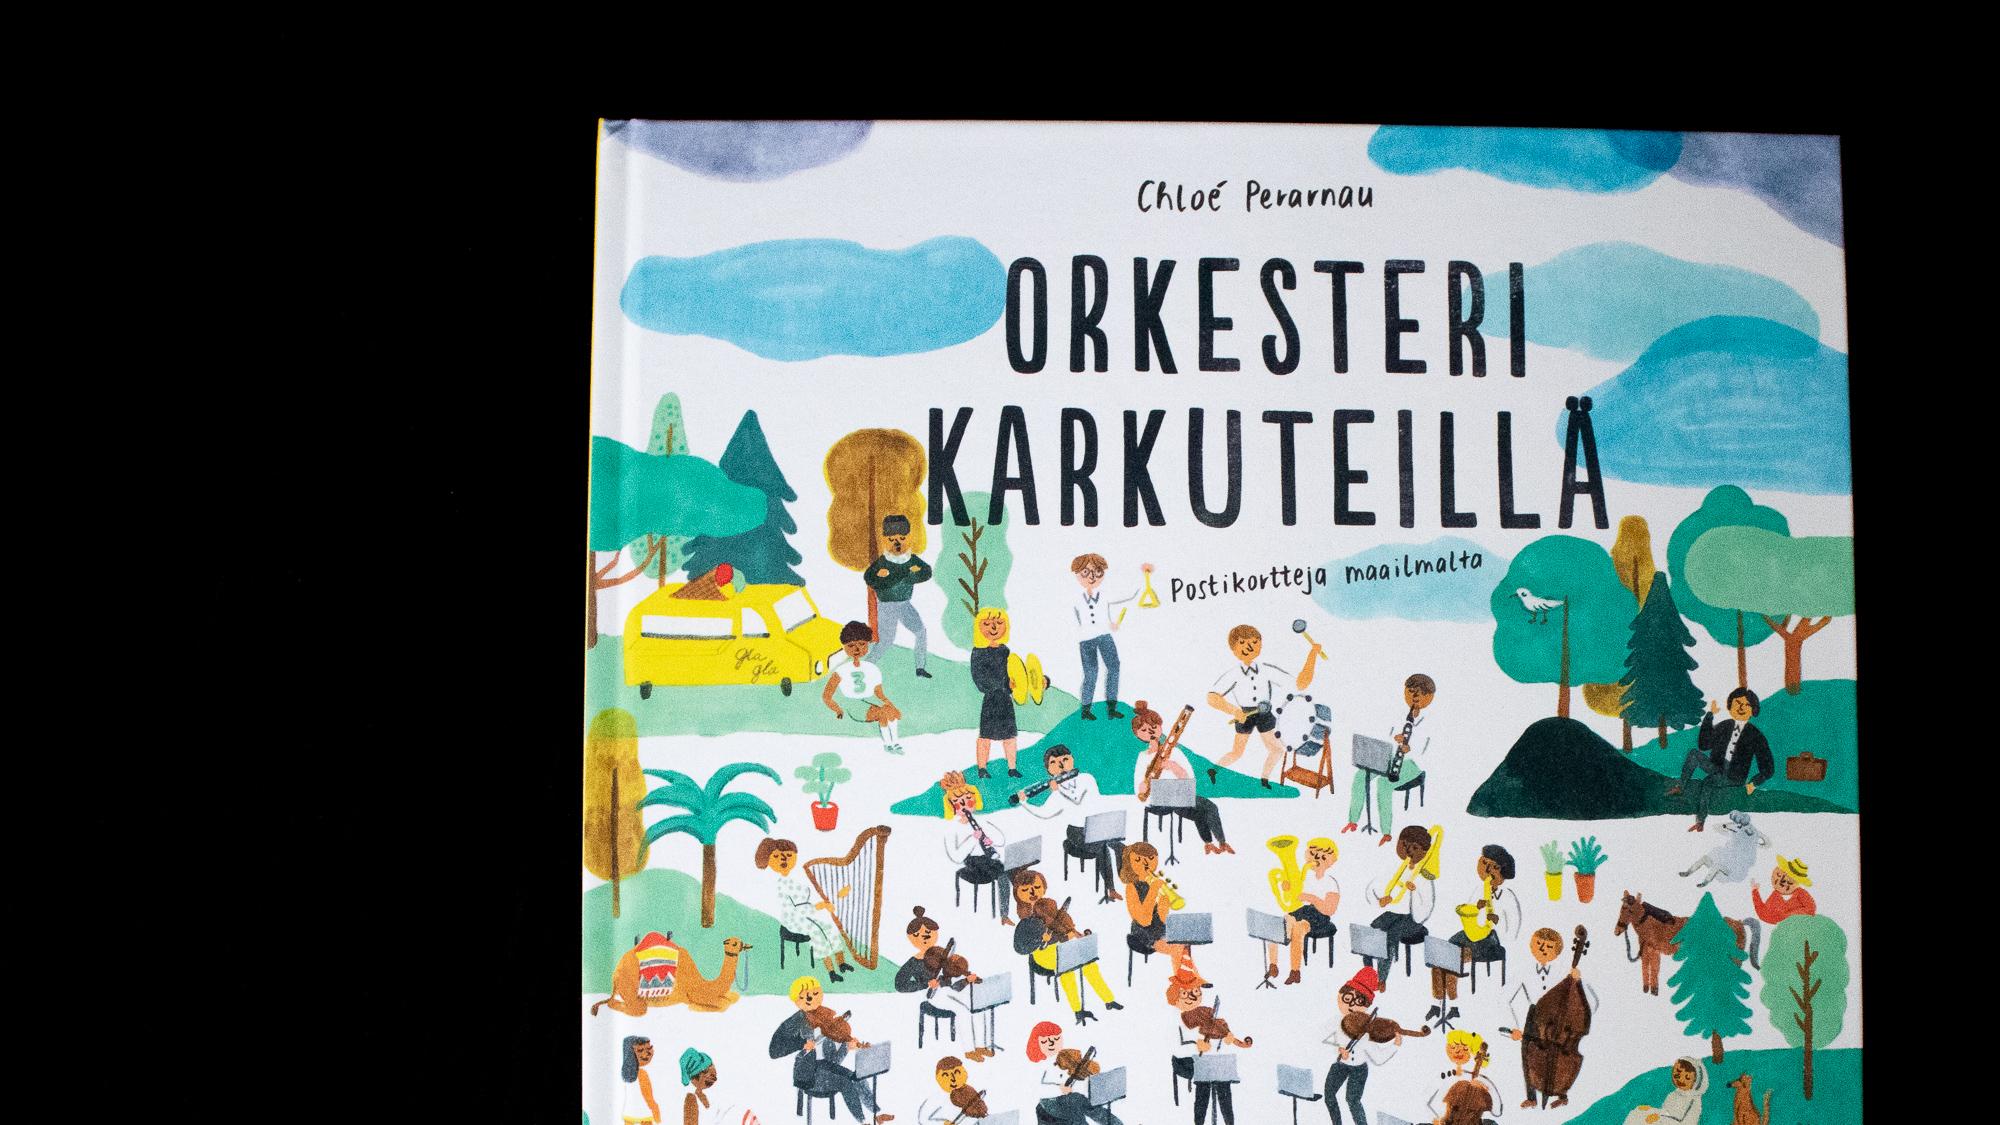 Chloé Perarnau: Orkesteri karkuteillä, postikortteja maailmalta (Etana Editions 2019)